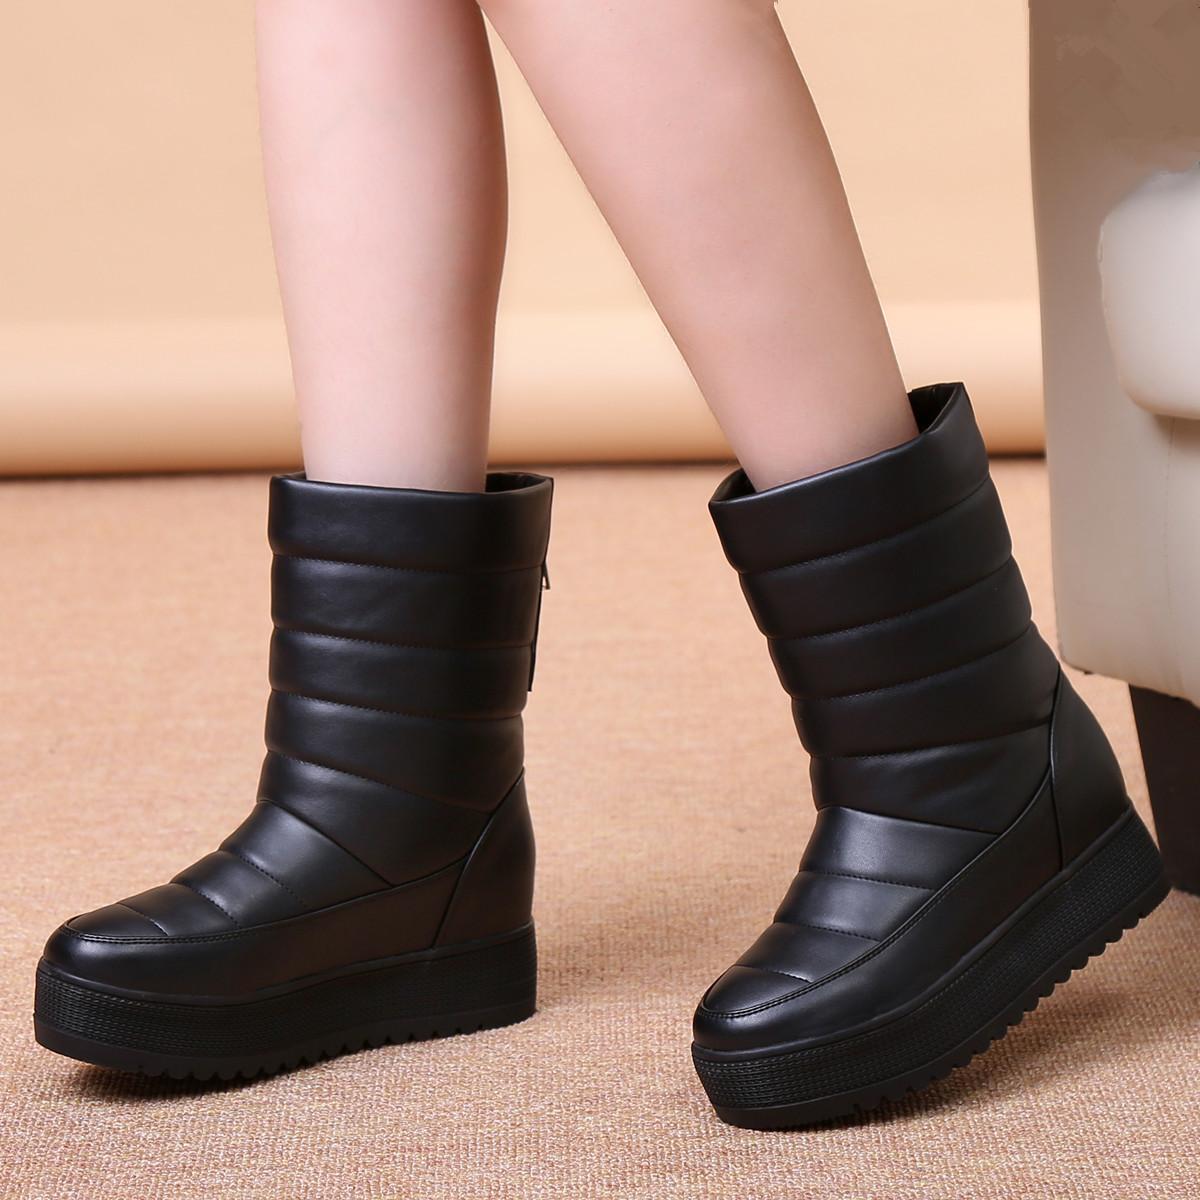 冬季保暖女靴加厚中筒雪地靴女棉靴平跟短靴防水厚底雪地靴女棉鞋